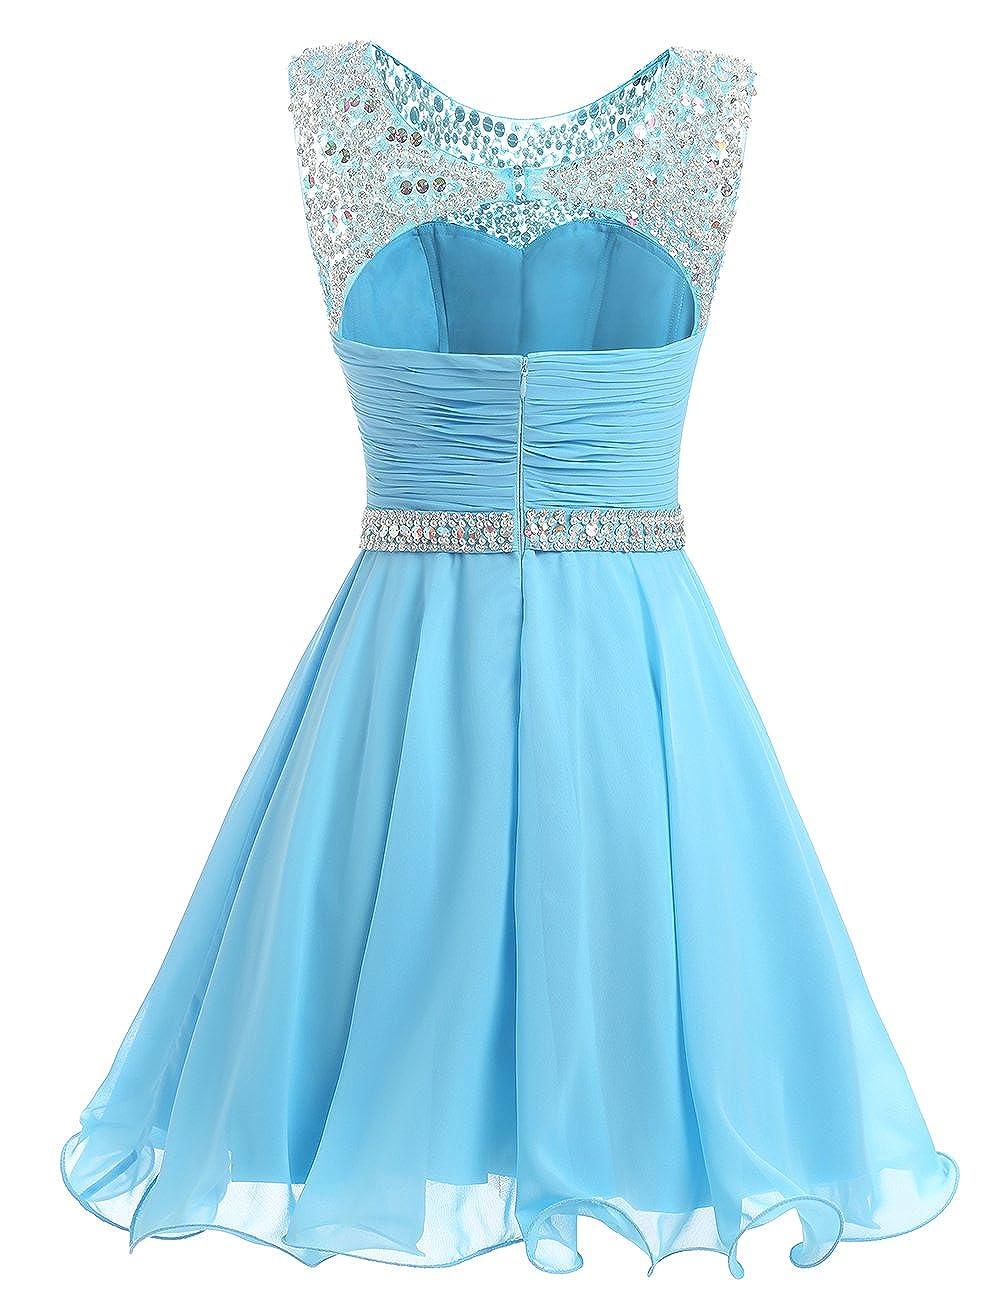 ce9e4249ac4 Dresstells reg  Short Chiffon Open Back Prom Dress with Beading Evening  Party Dress  Amazon.co.uk  Clothing